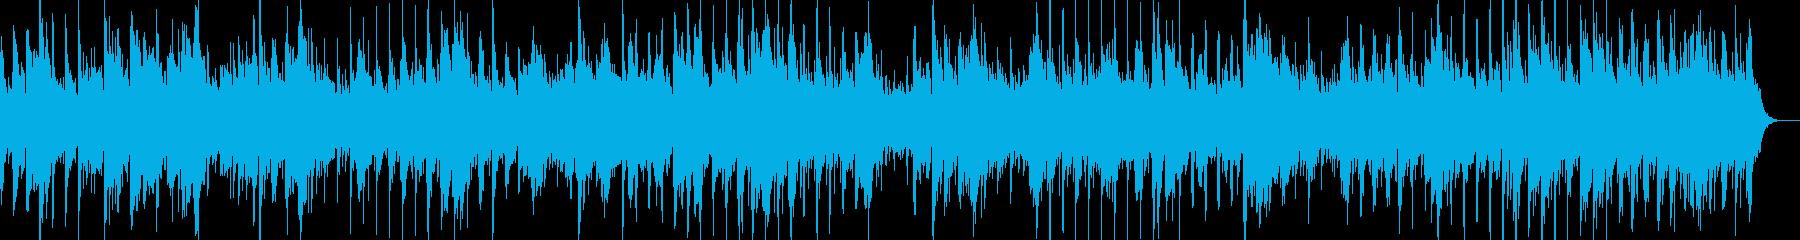 シンプルなアコースティックサウンドの再生済みの波形